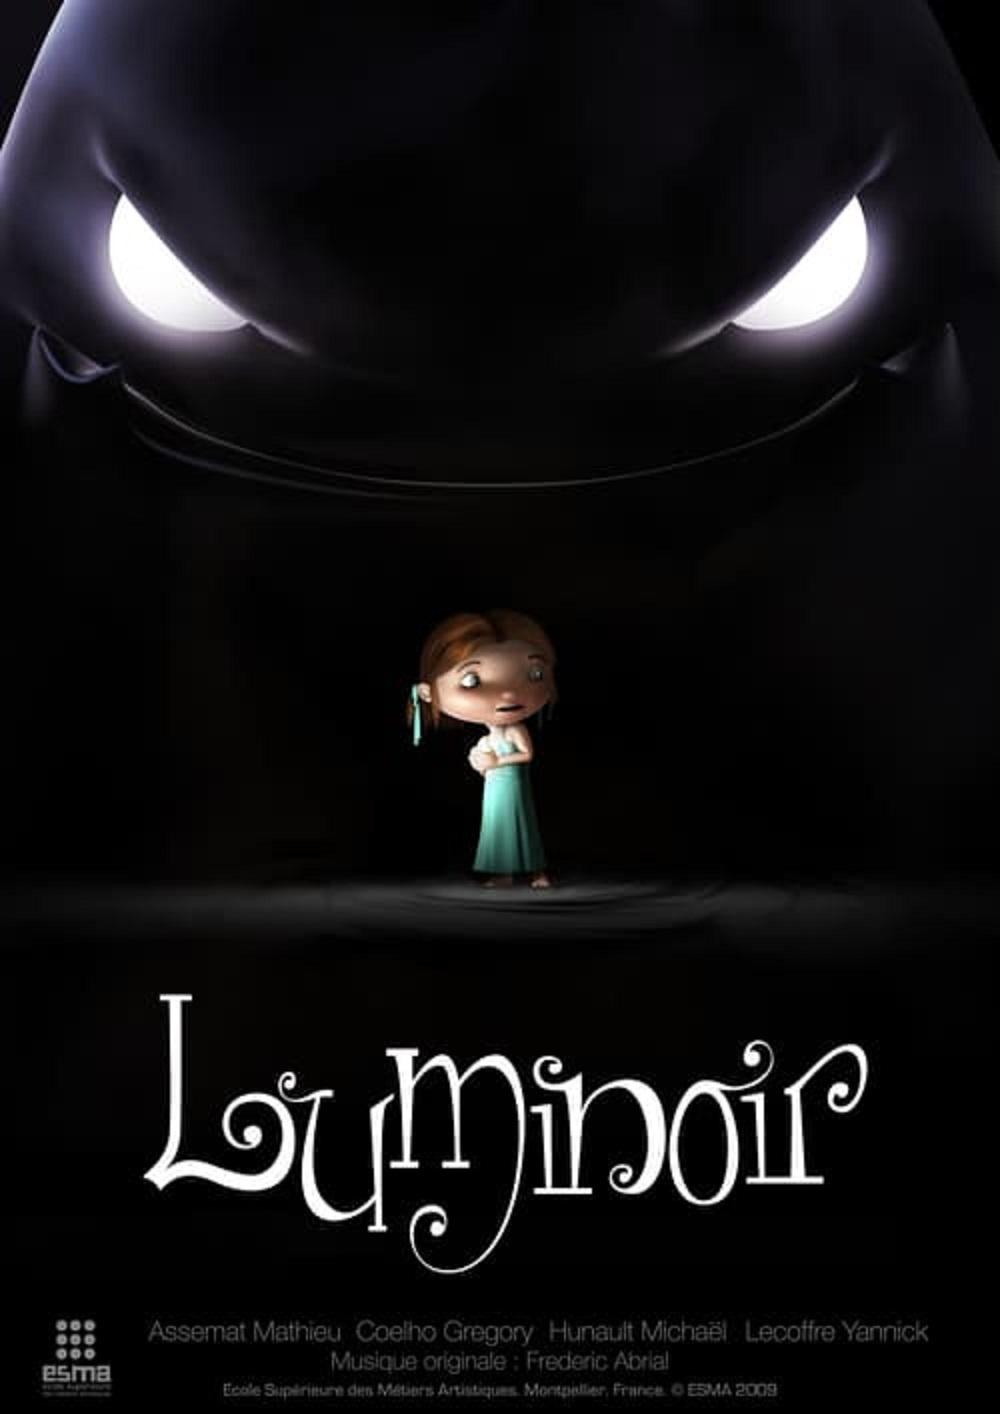 دانلود زیرنویس فارسی فیلم Luminoir